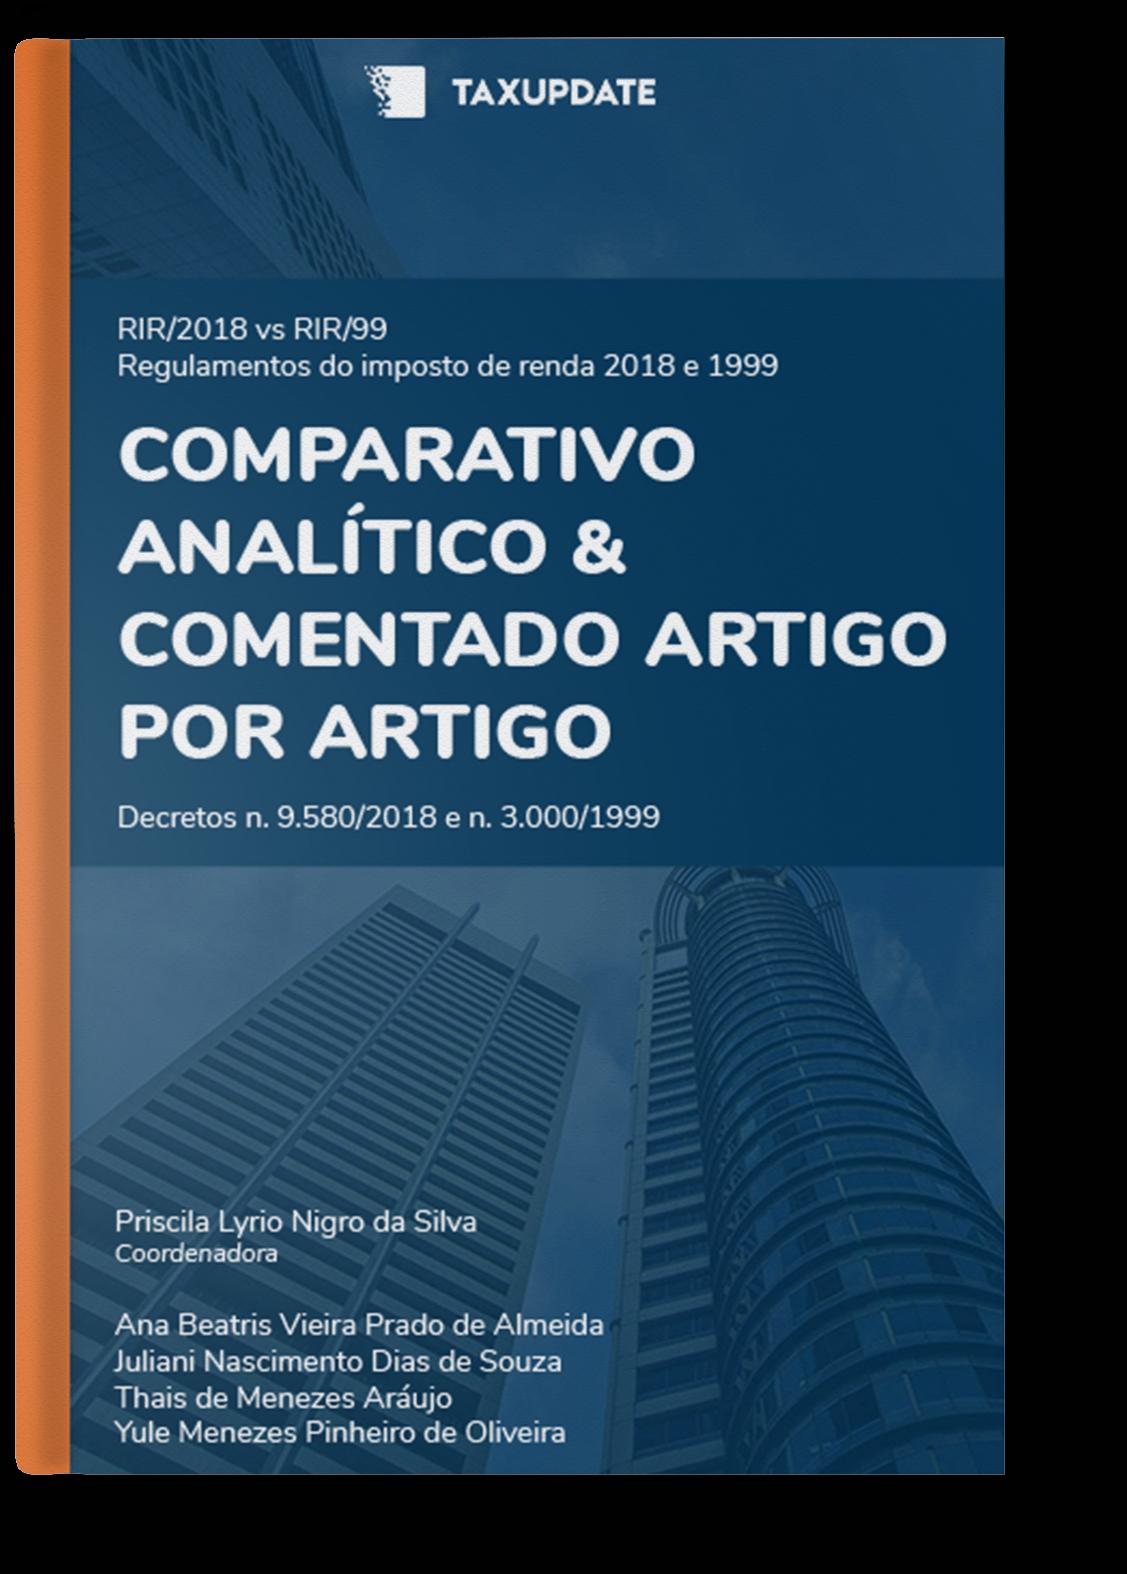 E-book – Comparativo IR